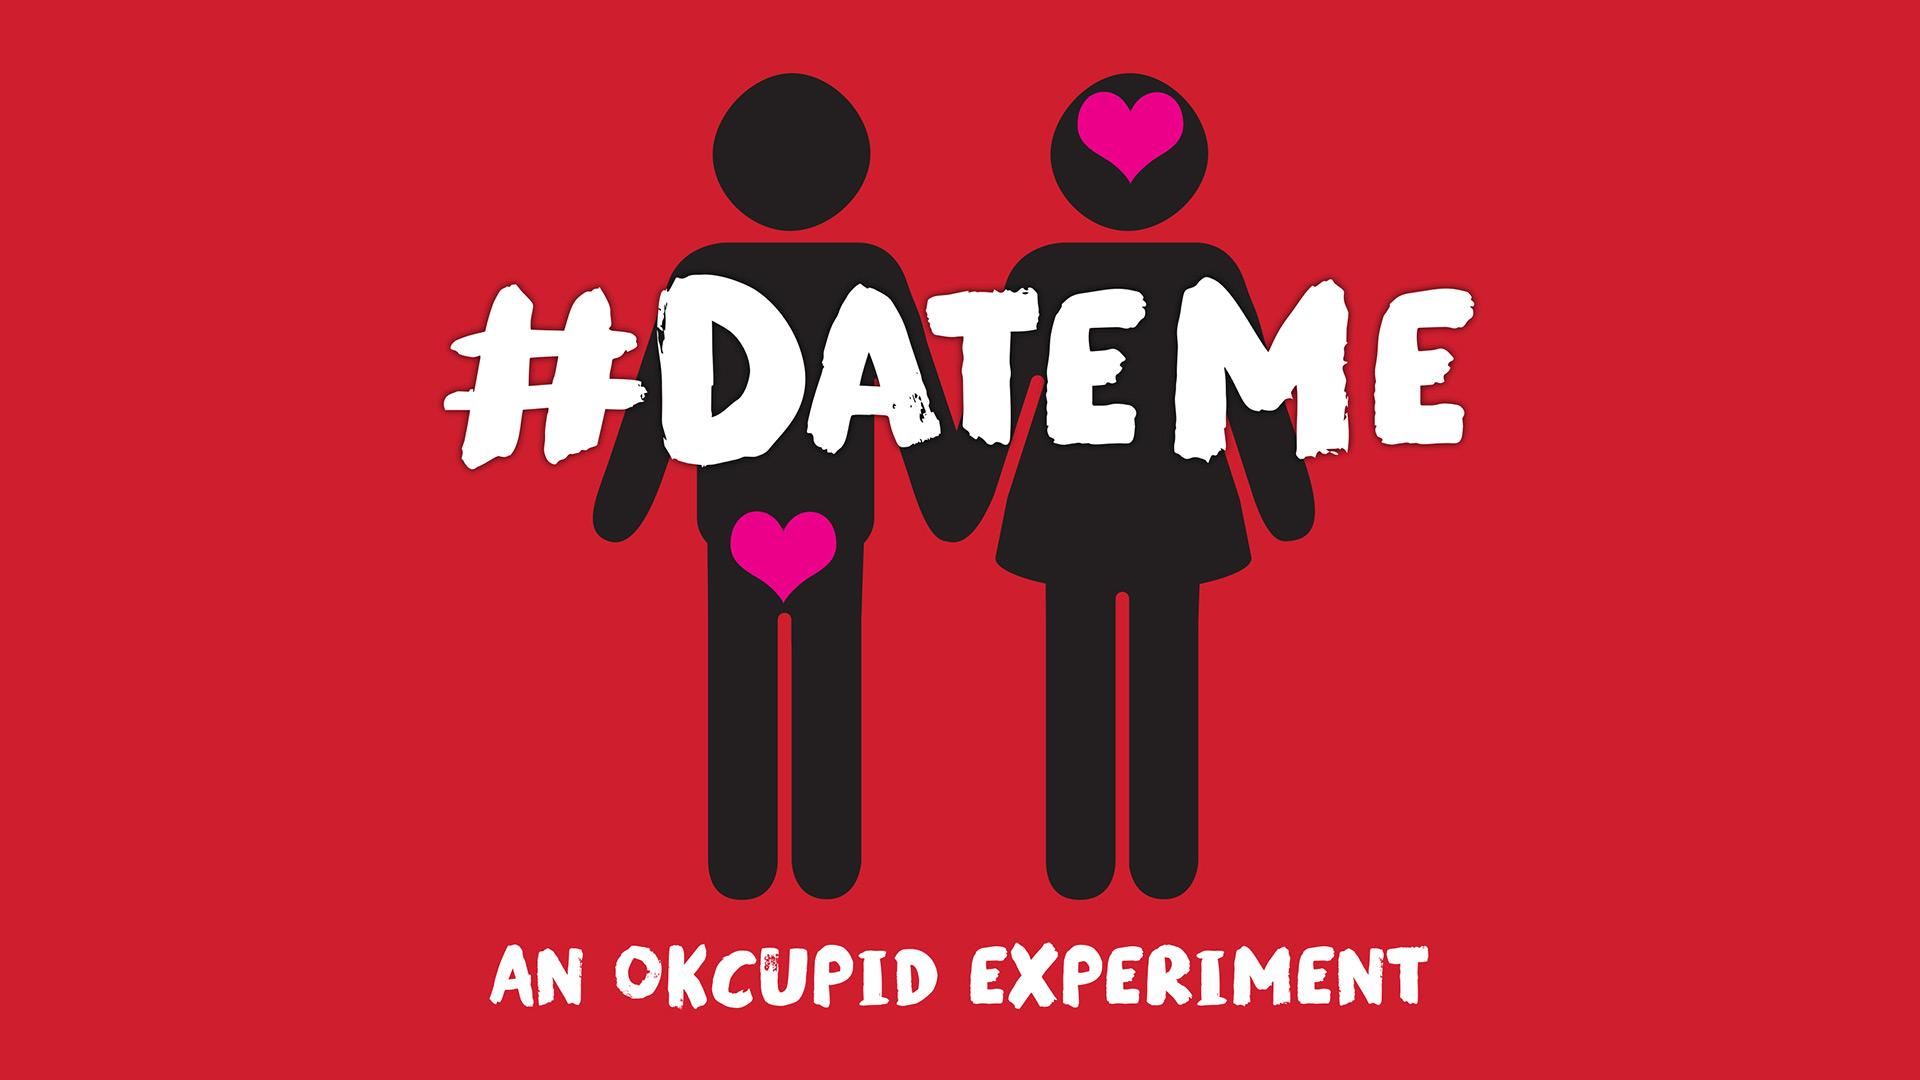 #DateMe